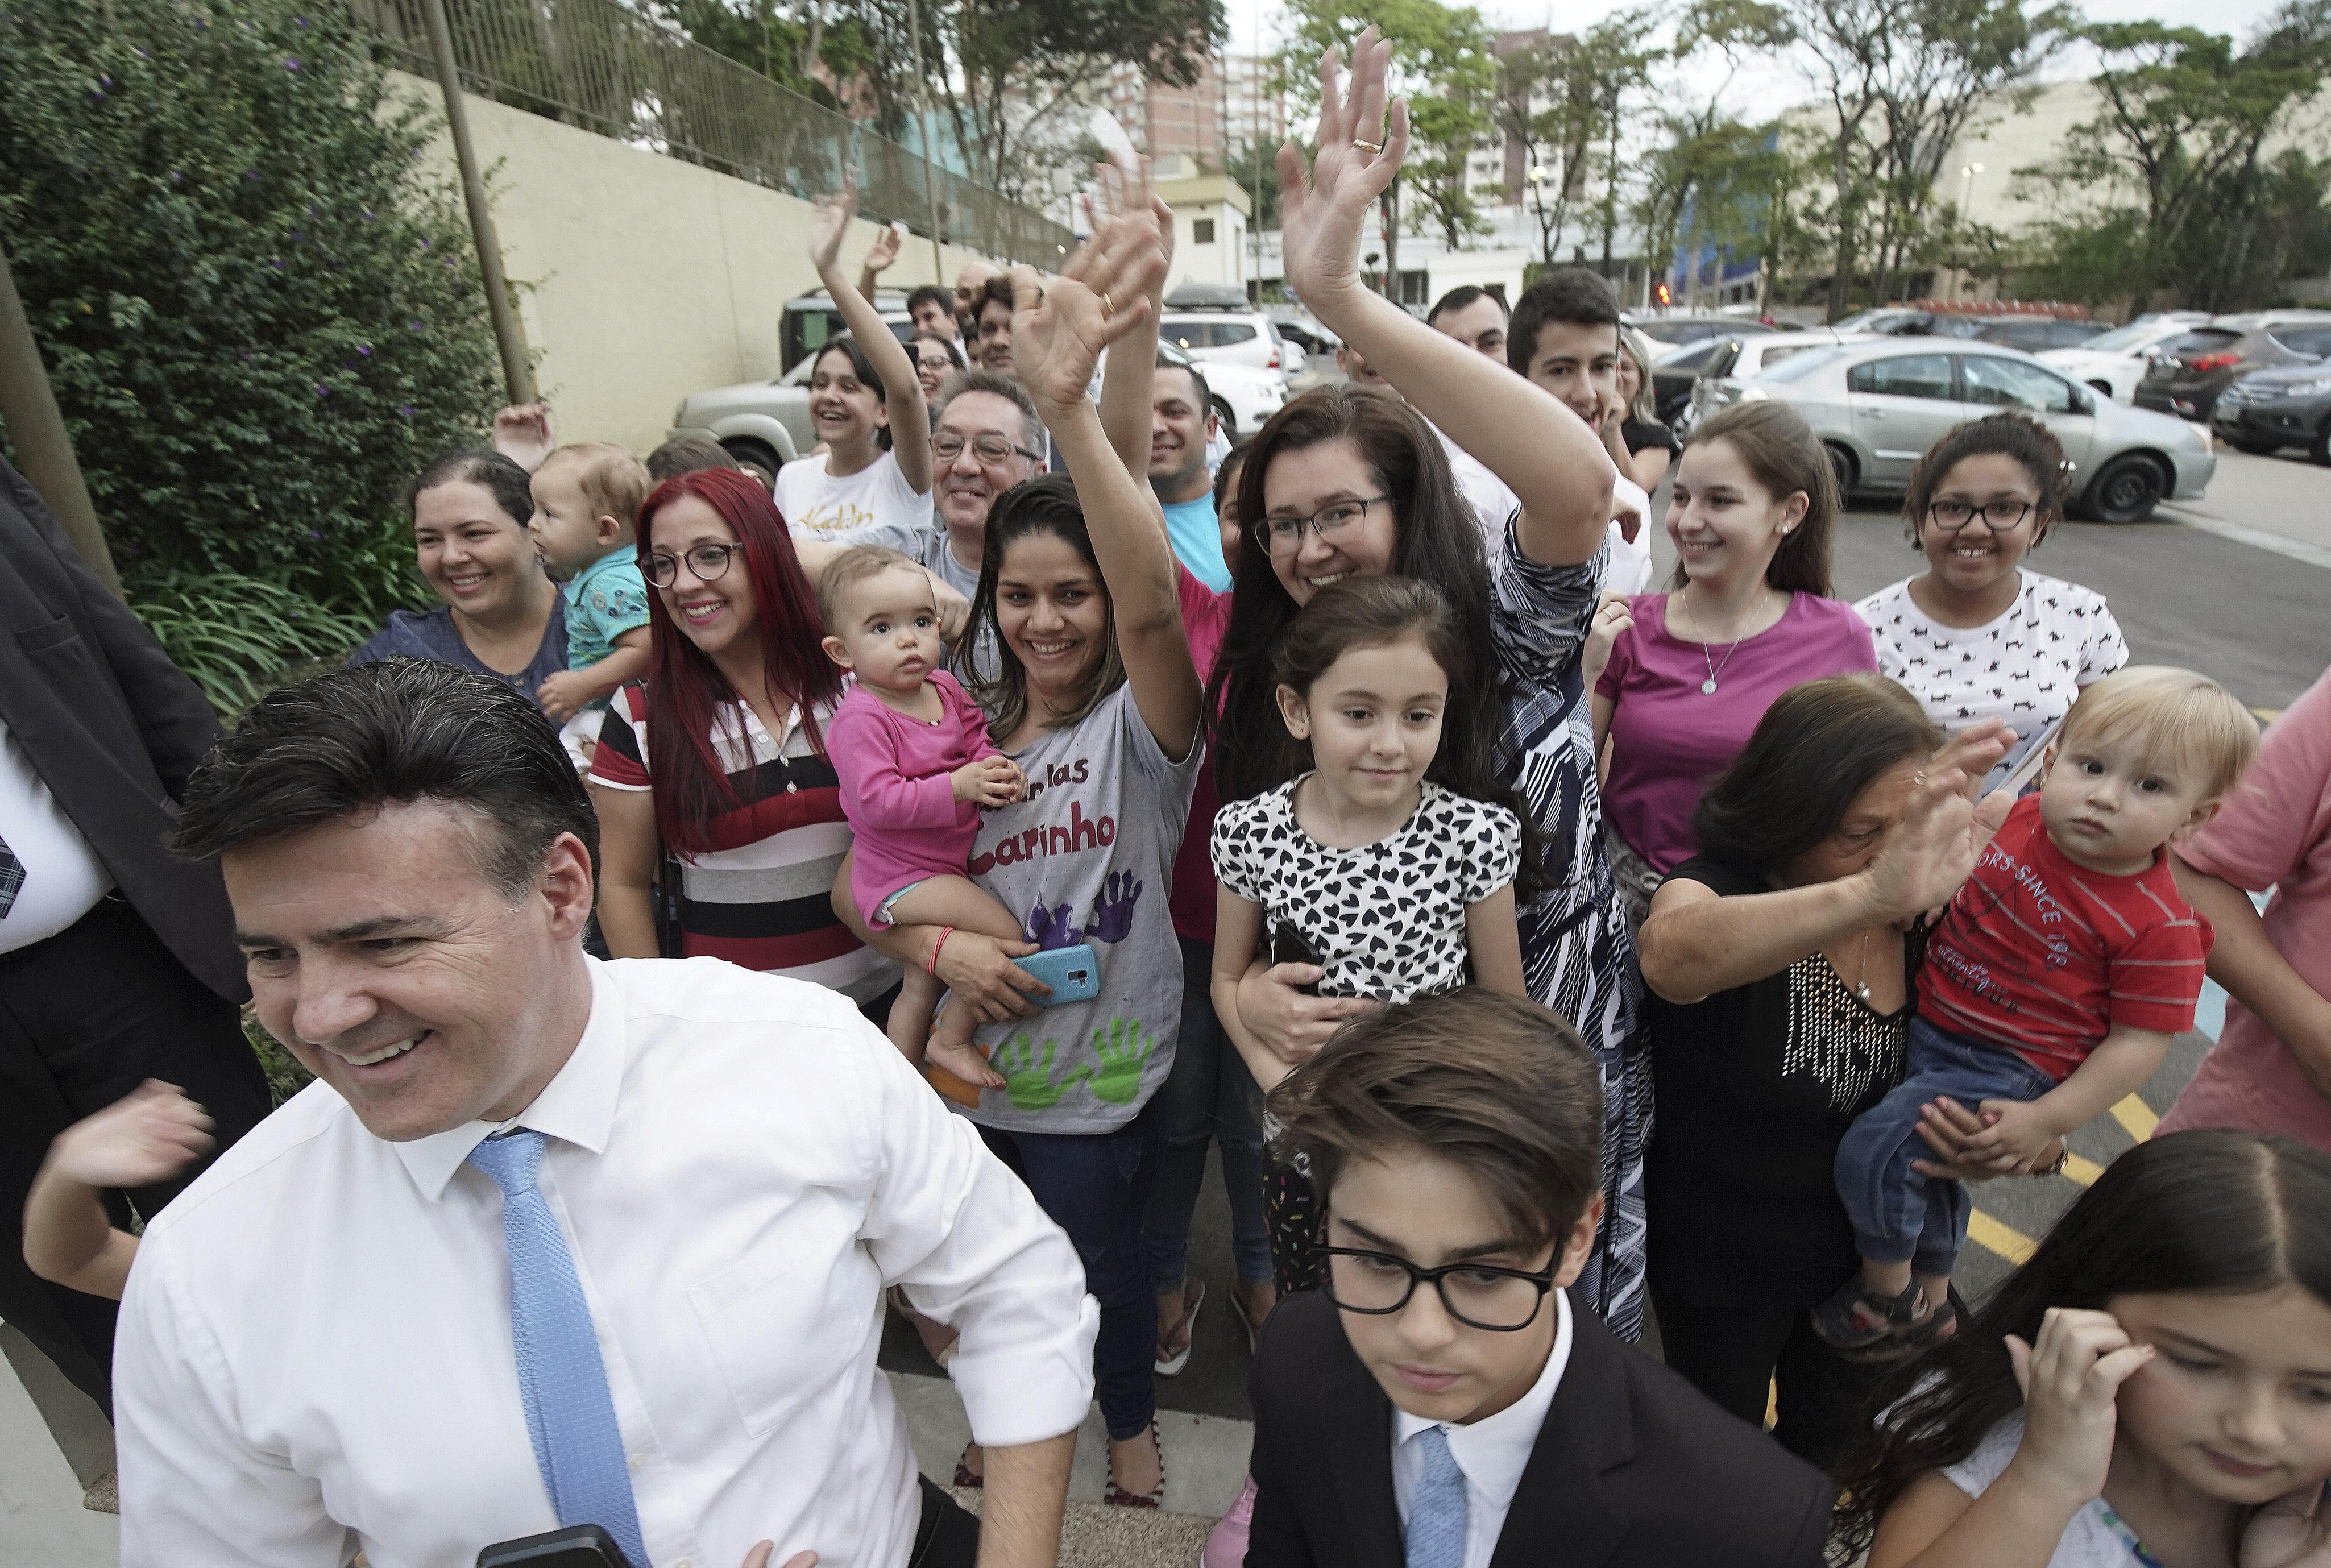 Aquellos afuera del Centro de Visitantes del Templo de Sao Paulo saludan al presidente Russell M. Nelson de La Iglesia de Jesucristo de los Santos de los Últimos Días en Sao Paulo, Brasil, el 31 de agosto de 2019.